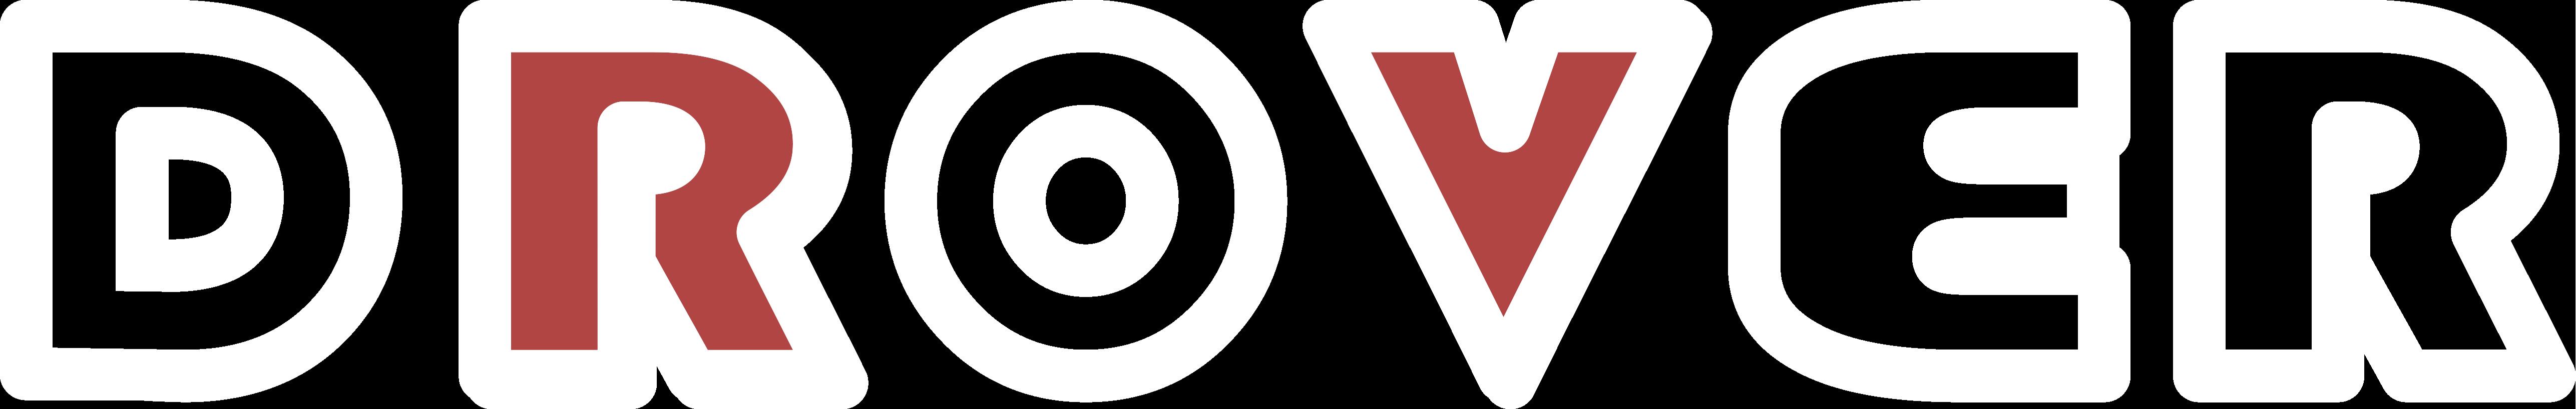 Drover RV